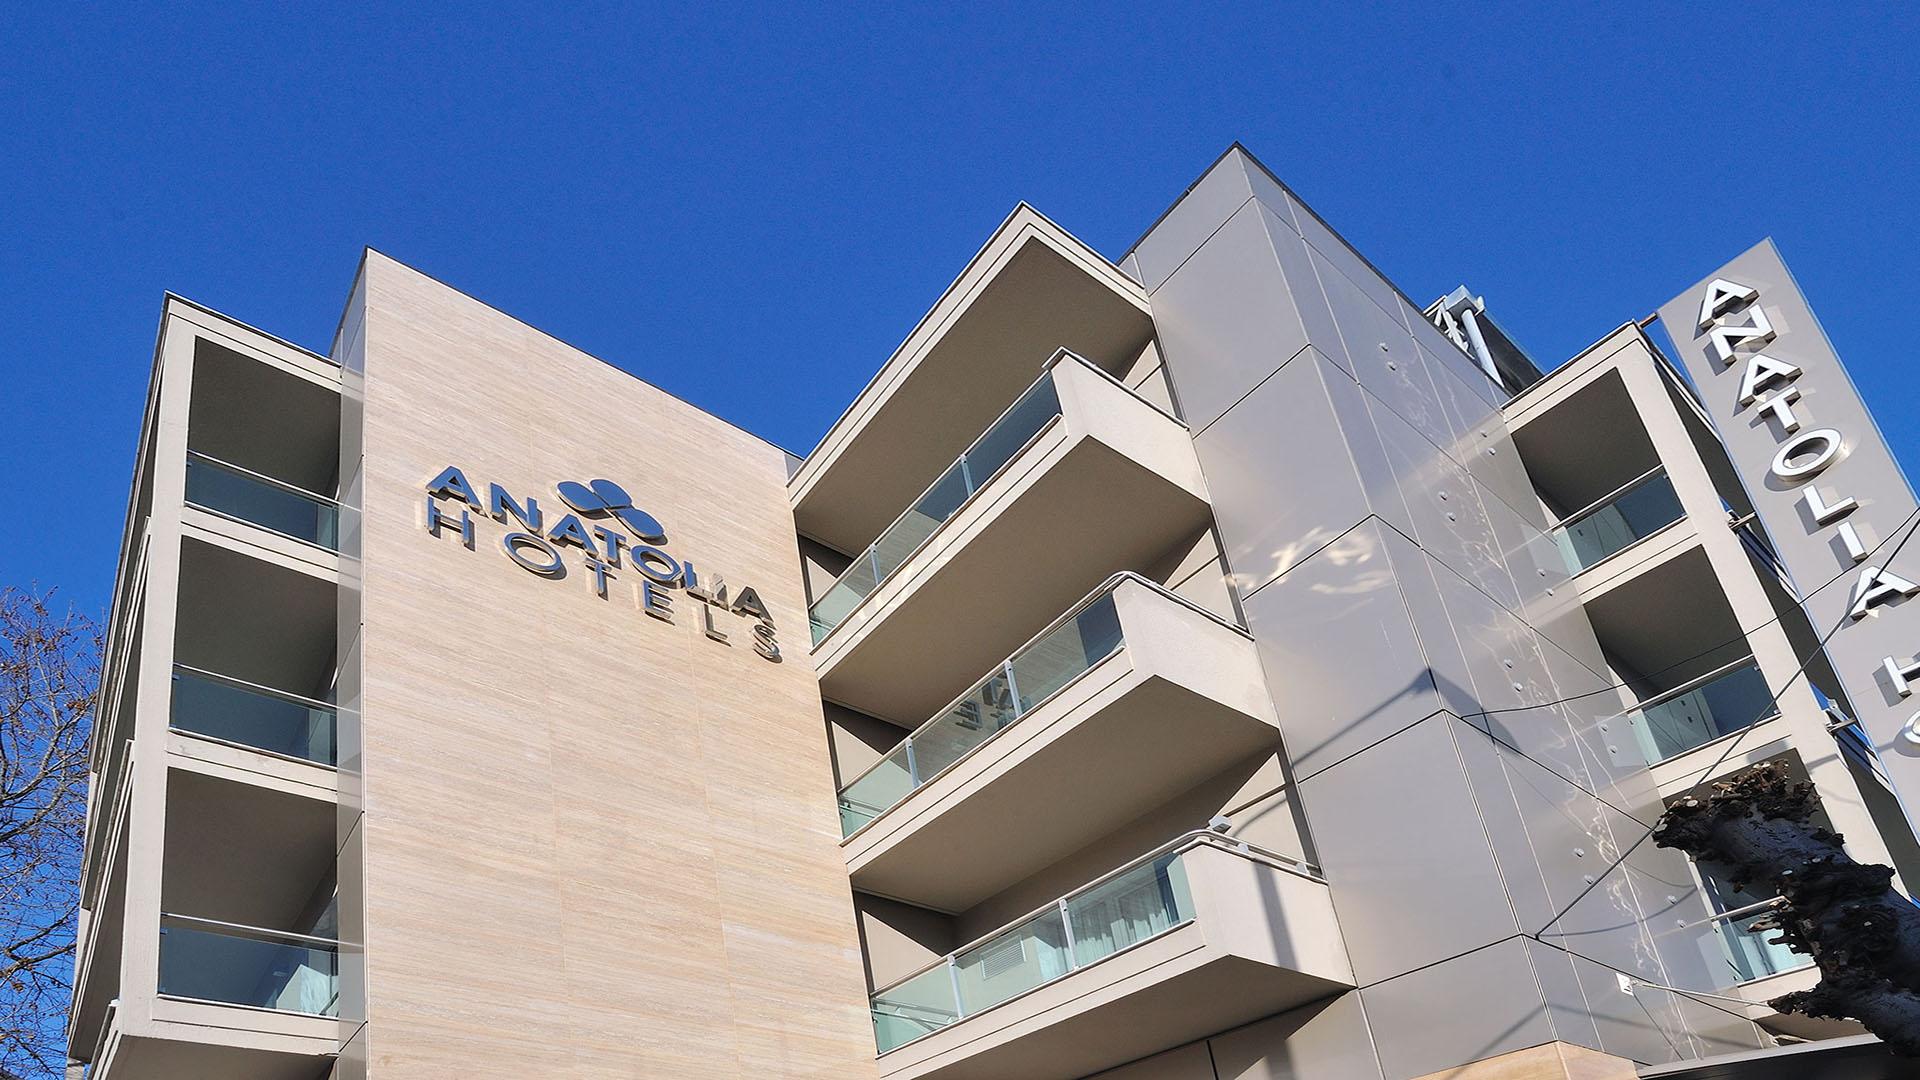 anatolia hotel honeybee greece